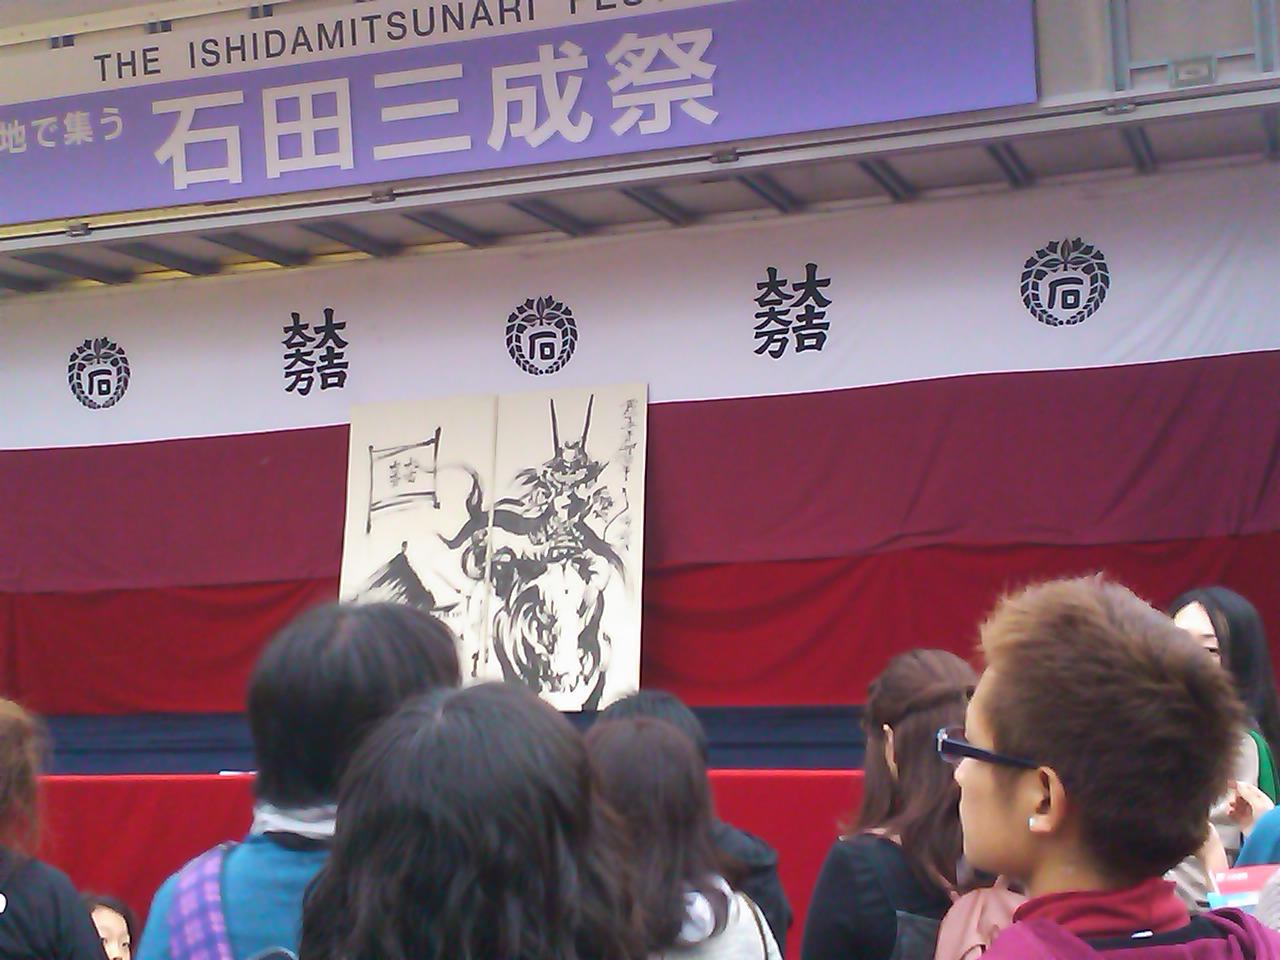 石田三成祭